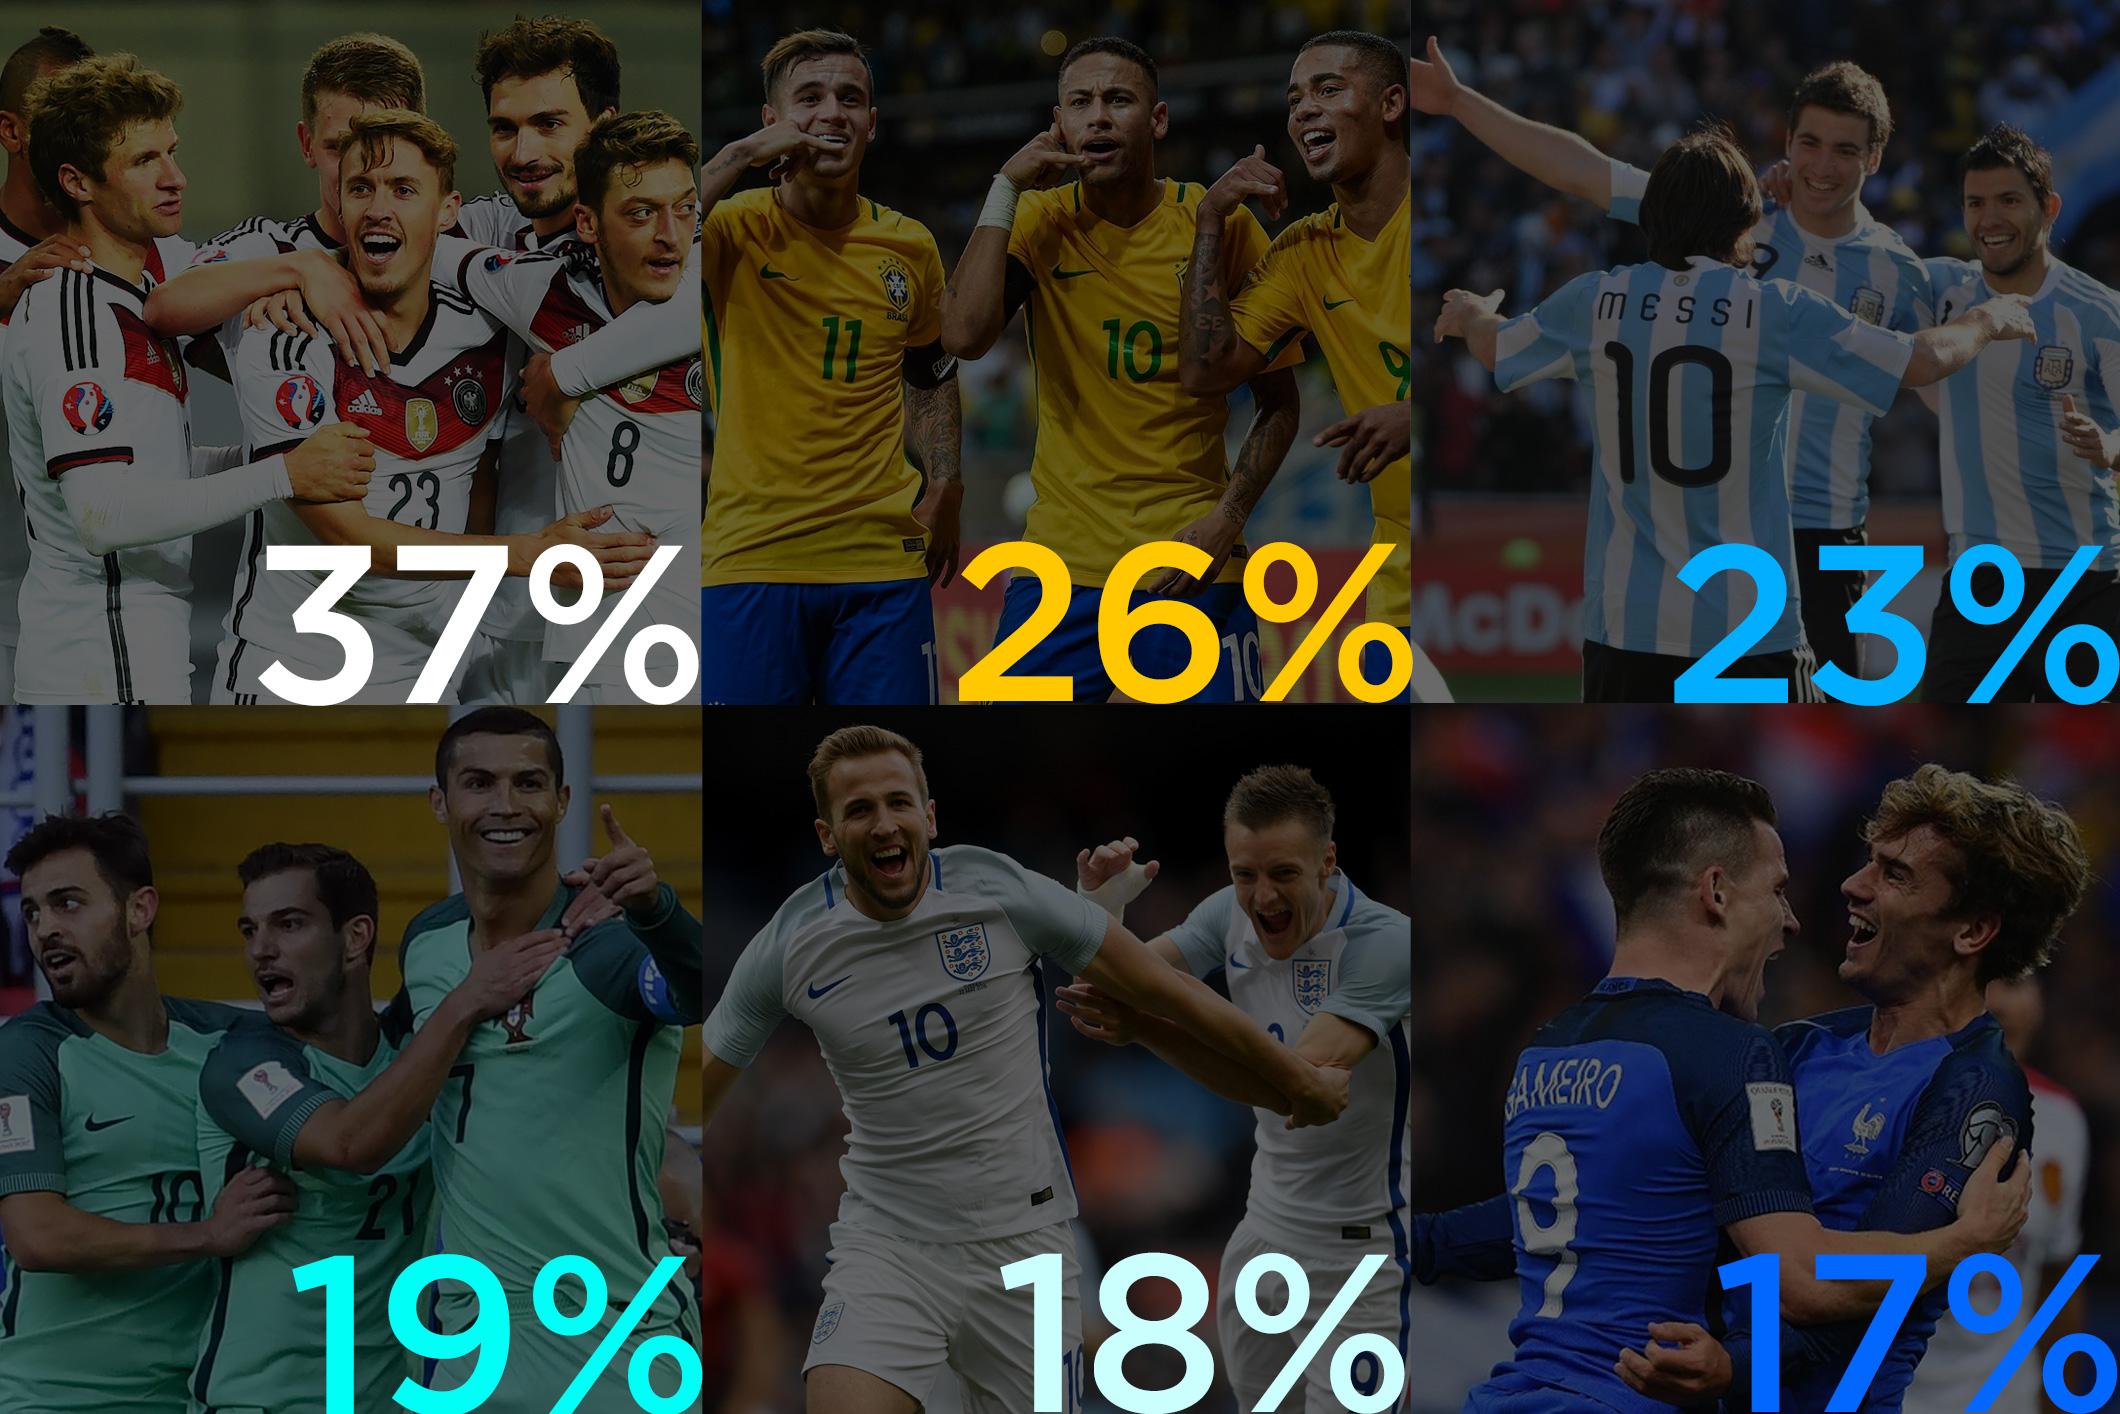 Sự quan tâm của người hâm mộ dành cho các đội bóng cũng là một insight thú vị mà marketer hoàn toàn có thể tận dụng